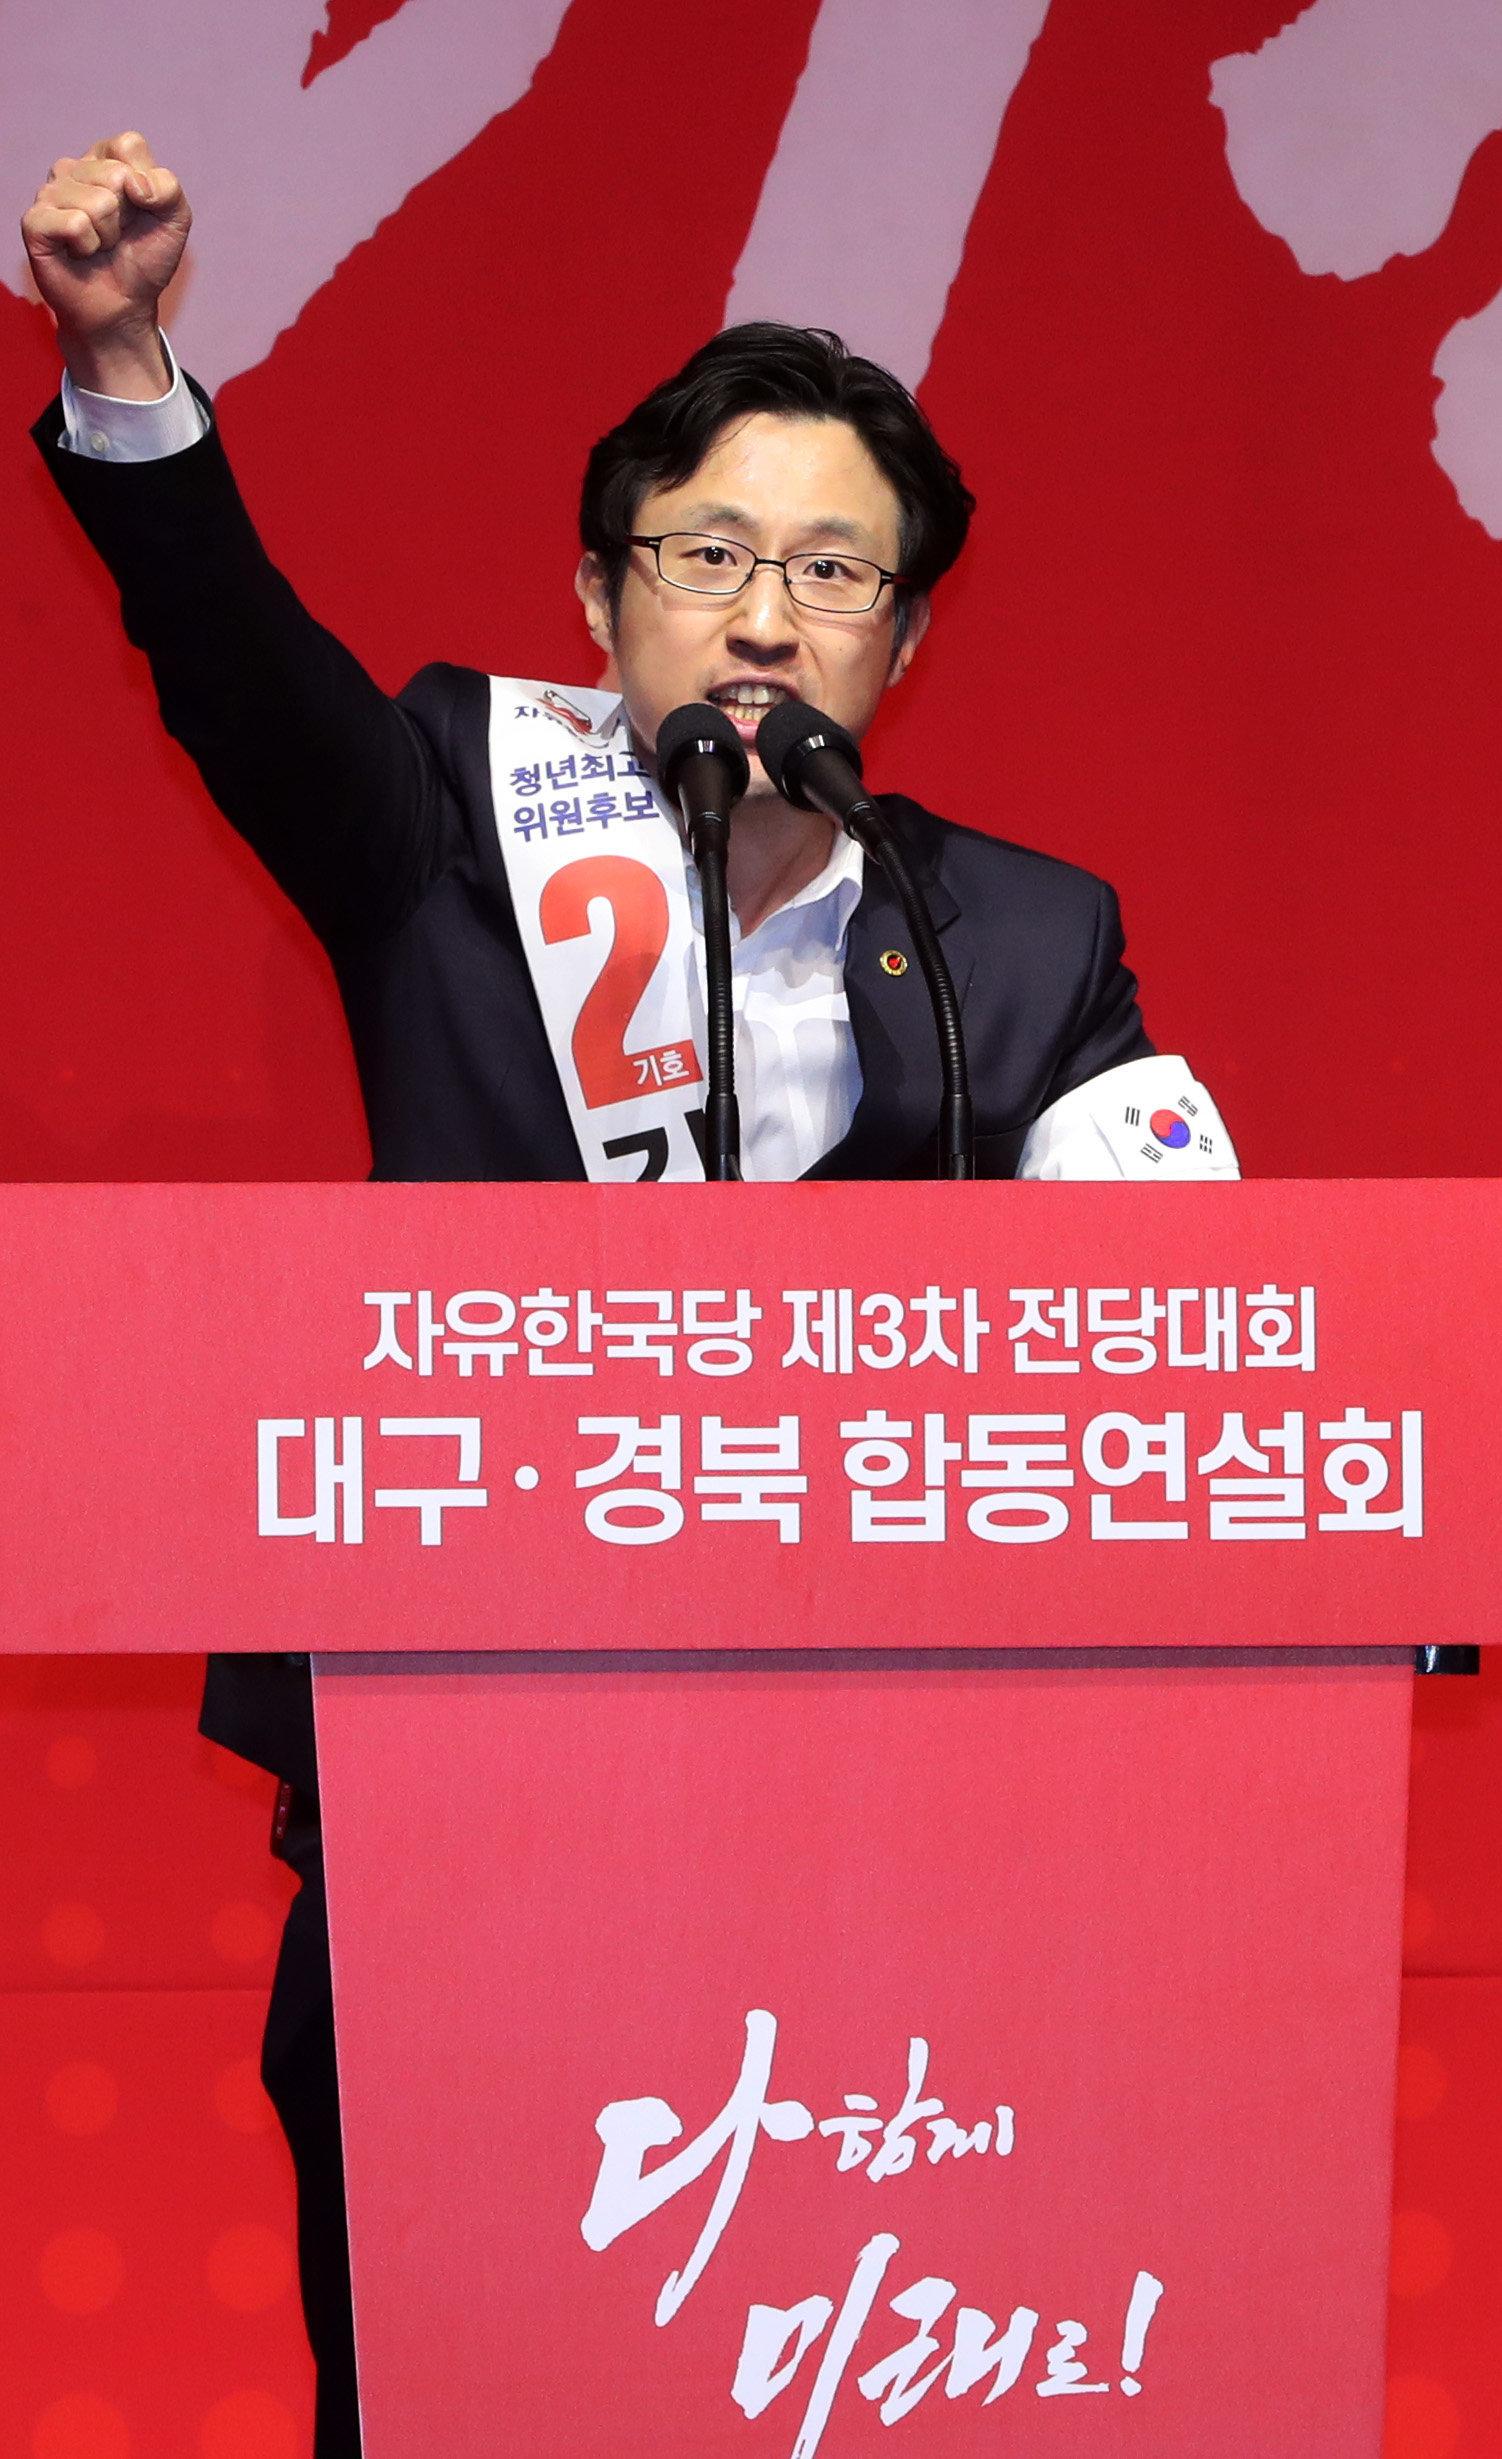 김준교 자유한국당 최고위원 후보가 '양성평등'에 대해 한